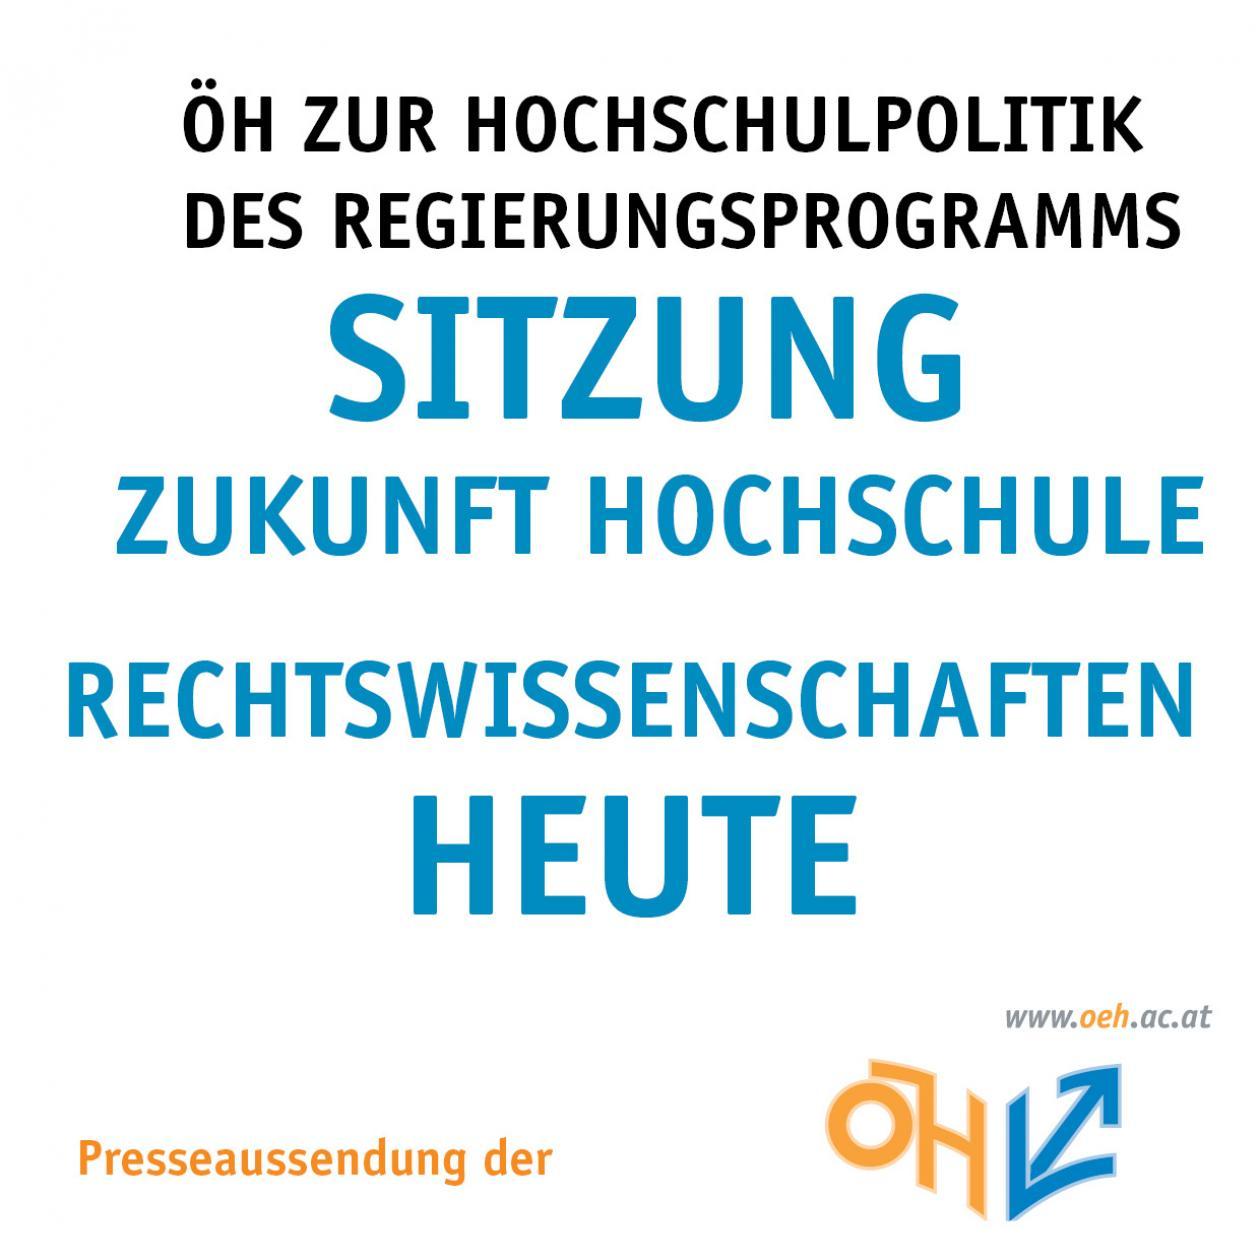 ÖH zur Hochchulpolitik des Regierungprogramms - Sitzung Zukunft Hochschule Rechtswissenchaften heute